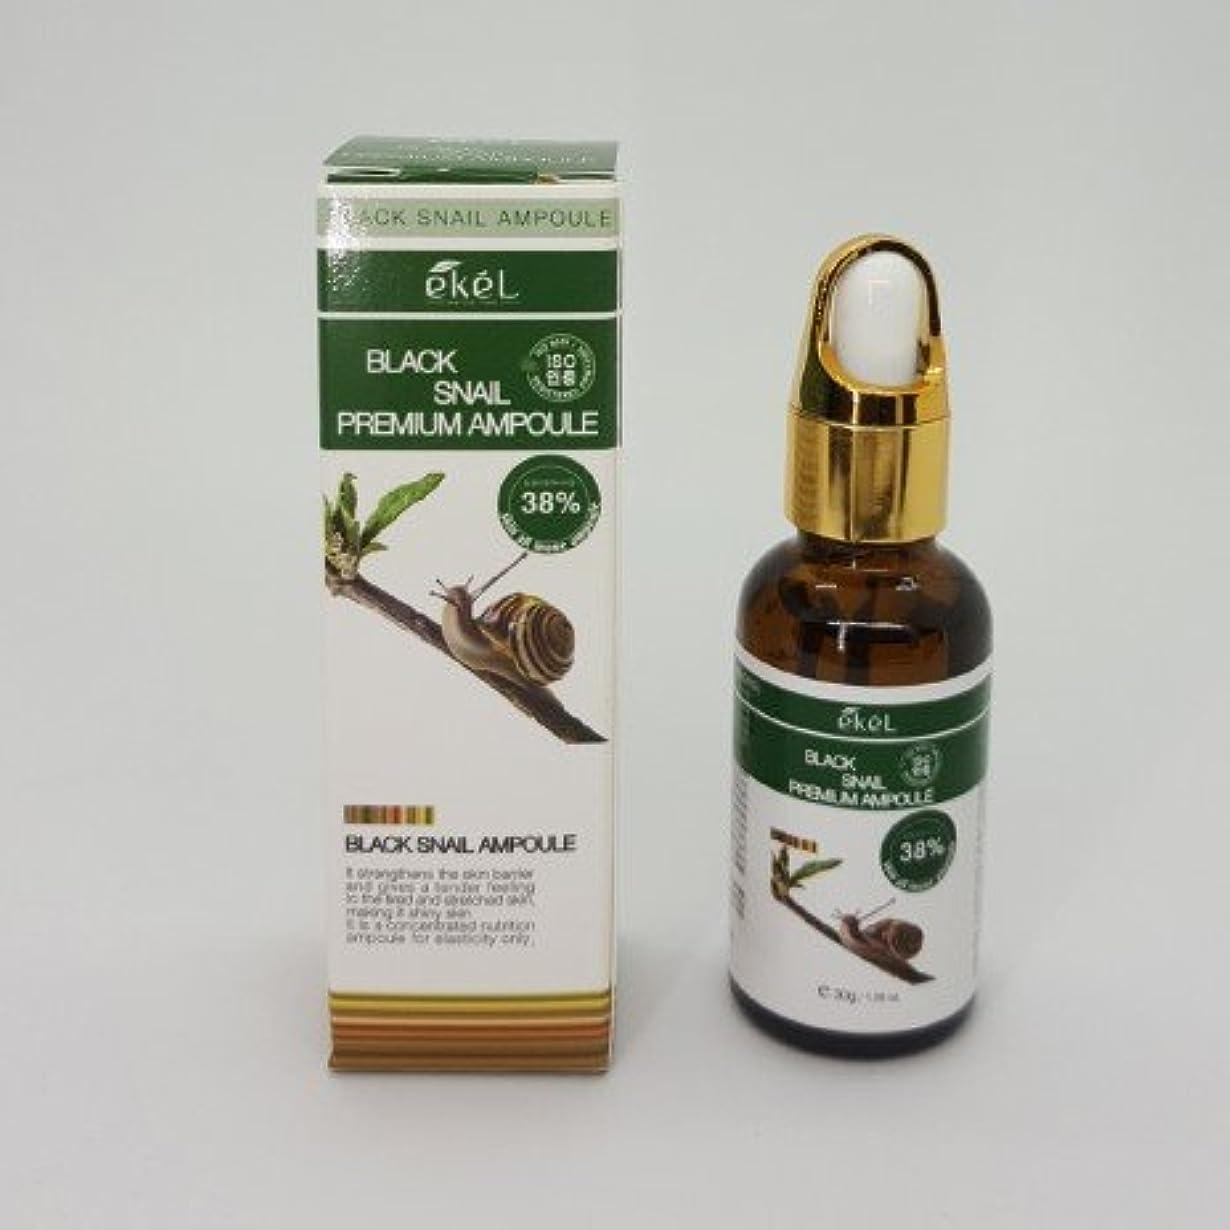 不純二次空中[EKEL] Black Snail Premium Ampoule 38% - 30g